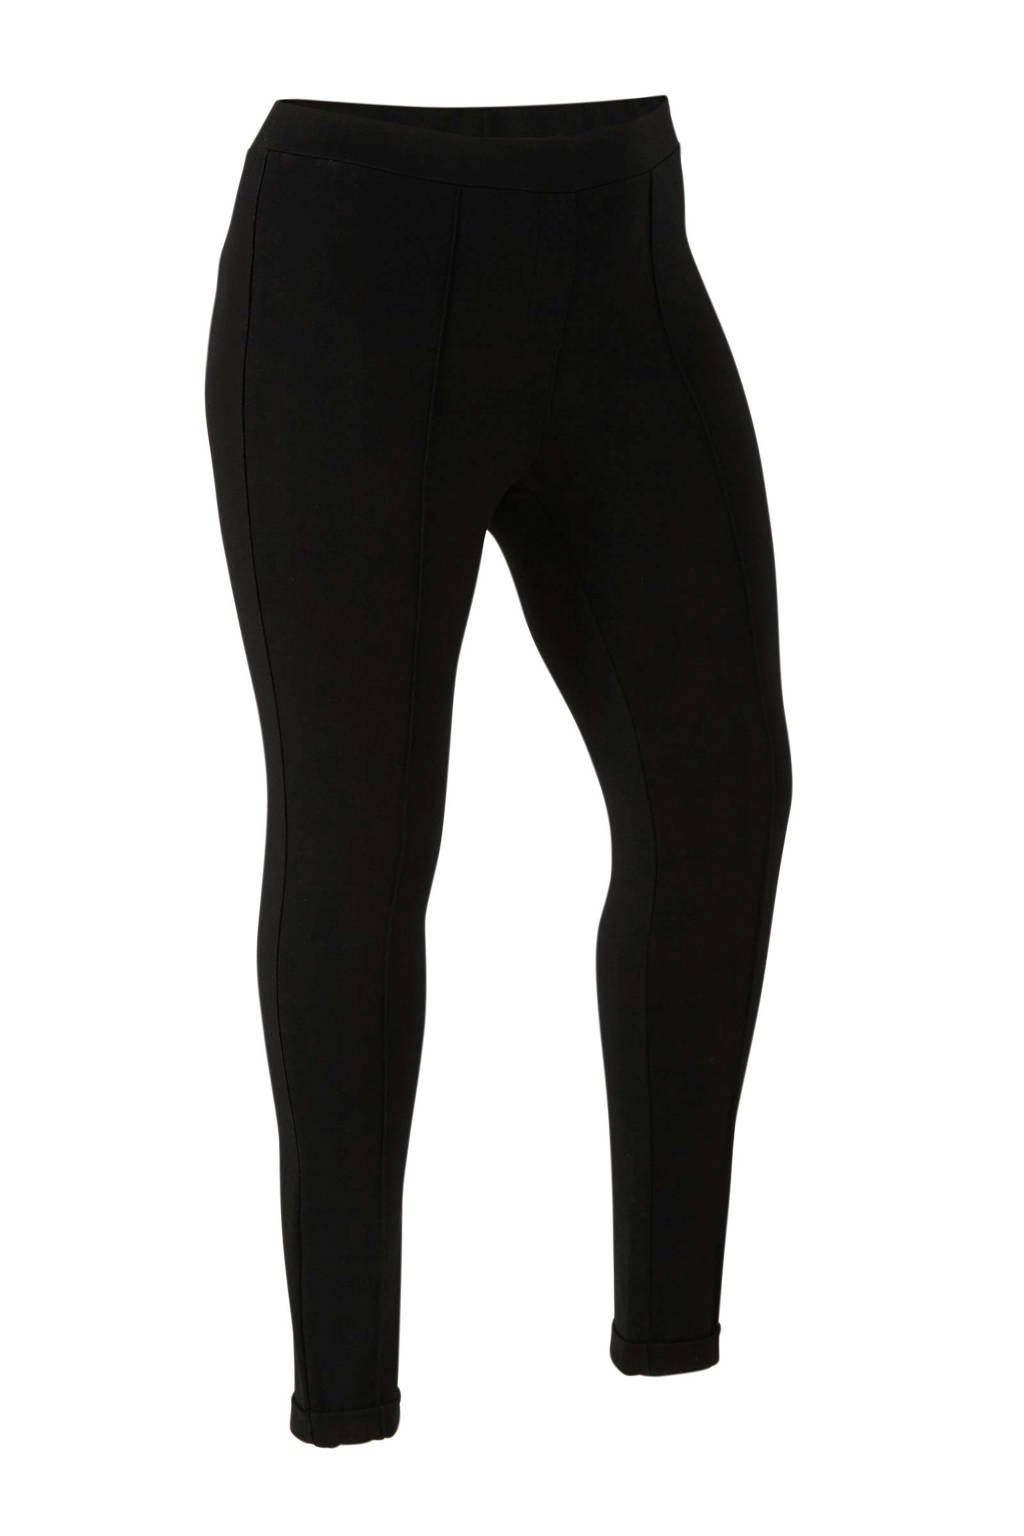 Yesta legging zwart, Zwart